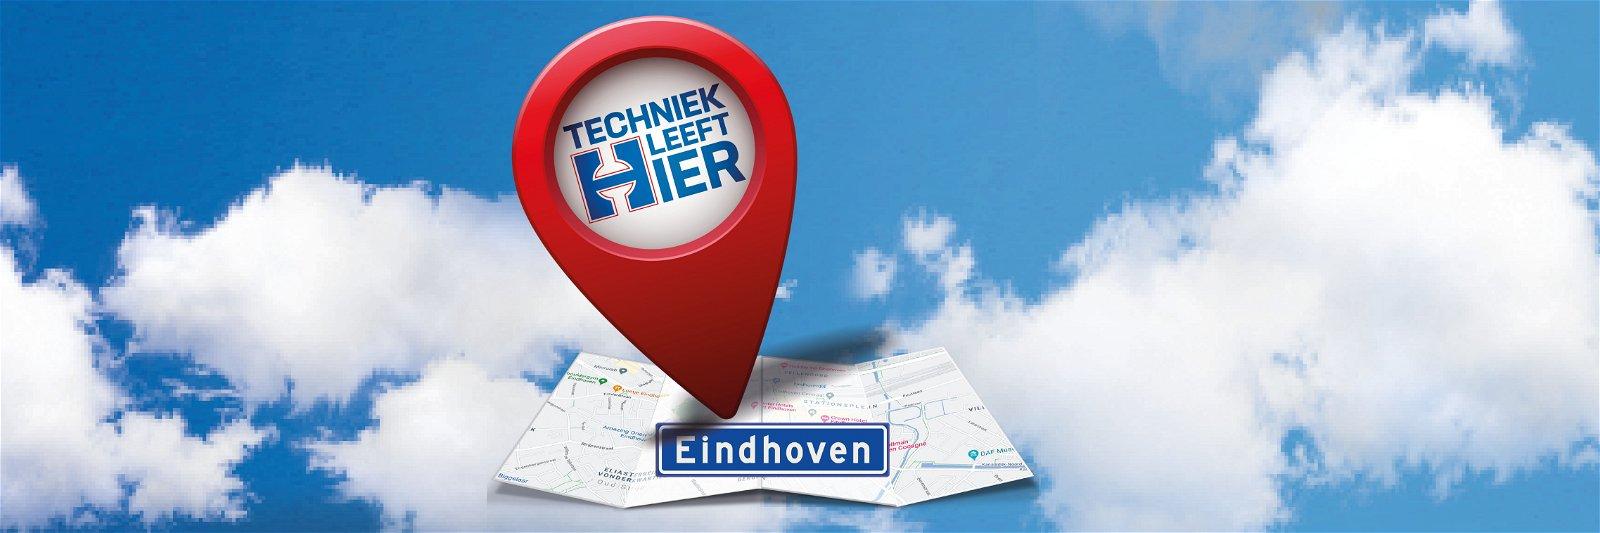 Eerste projectenvestiging Hoppenbrouwers vestigt zich in Eindhoven